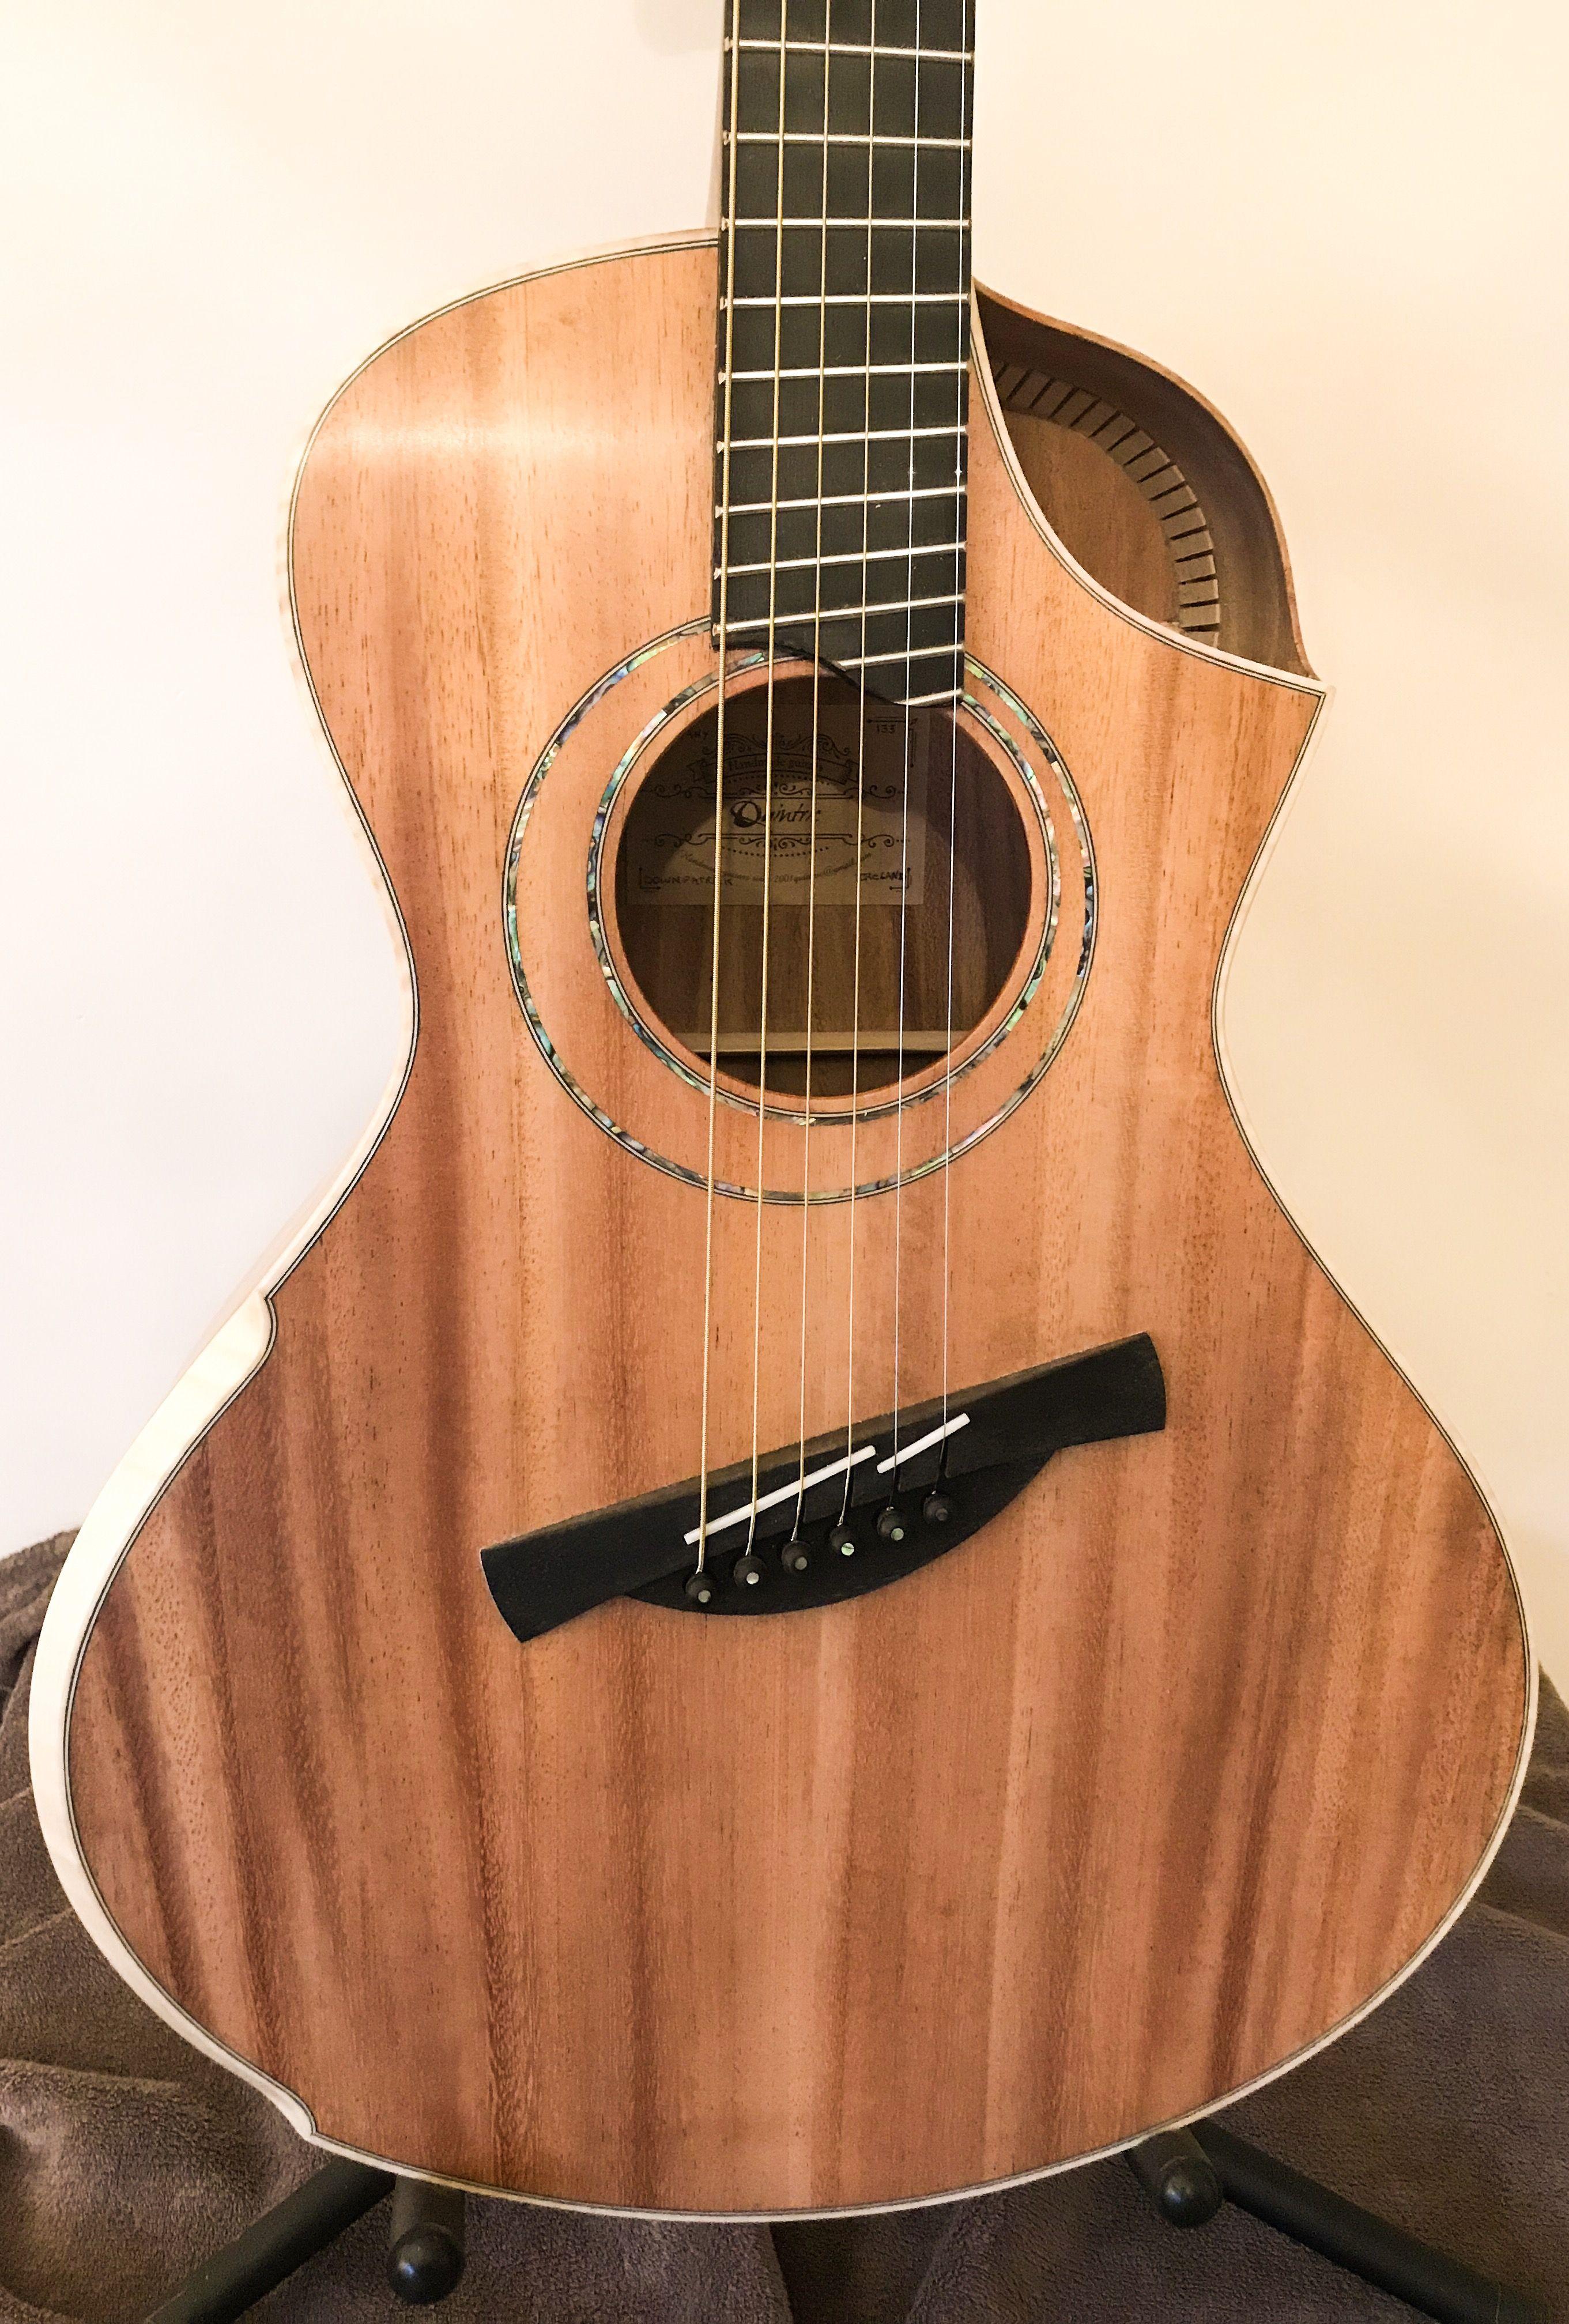 Acoustic Guitar Guitar Acoustic Custom Guitars Guitar Player Guitar Art Guitar Crafts Aesthetic Guitar Music Guitar Guitar Making Handmade Acoustic Guitar Luthi